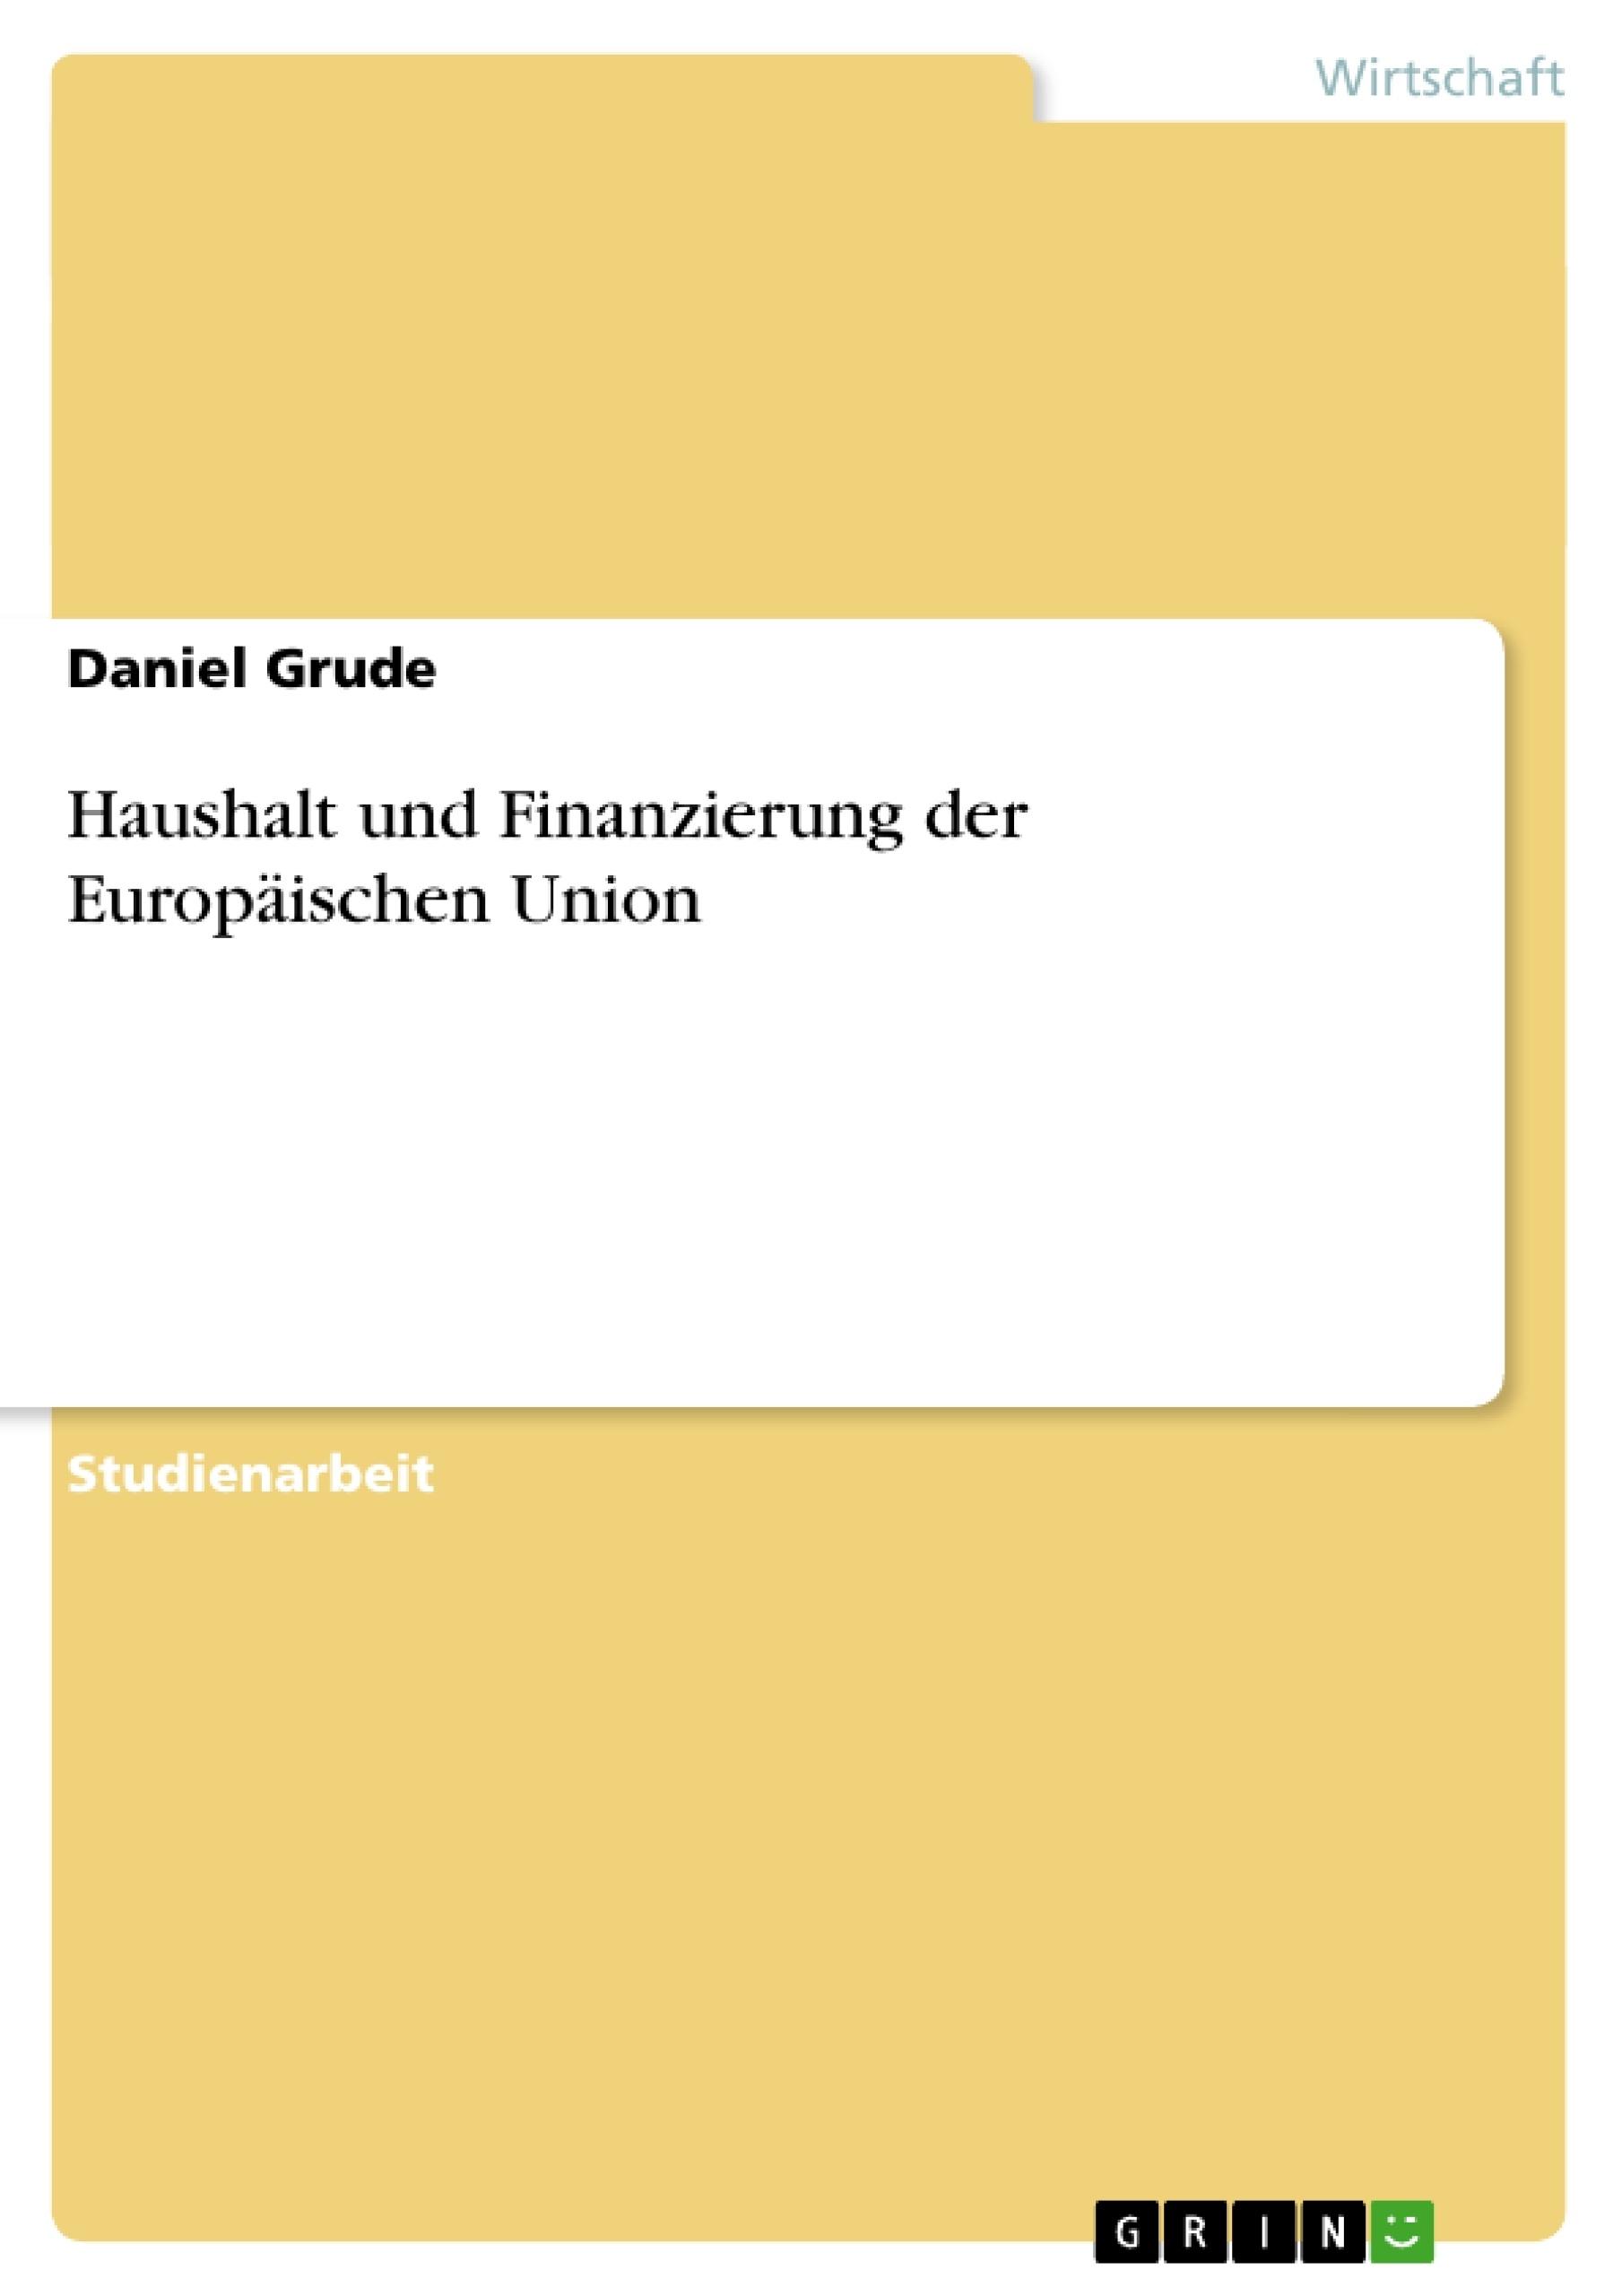 Titel: Haushalt und Finanzierung der Europäischen Union